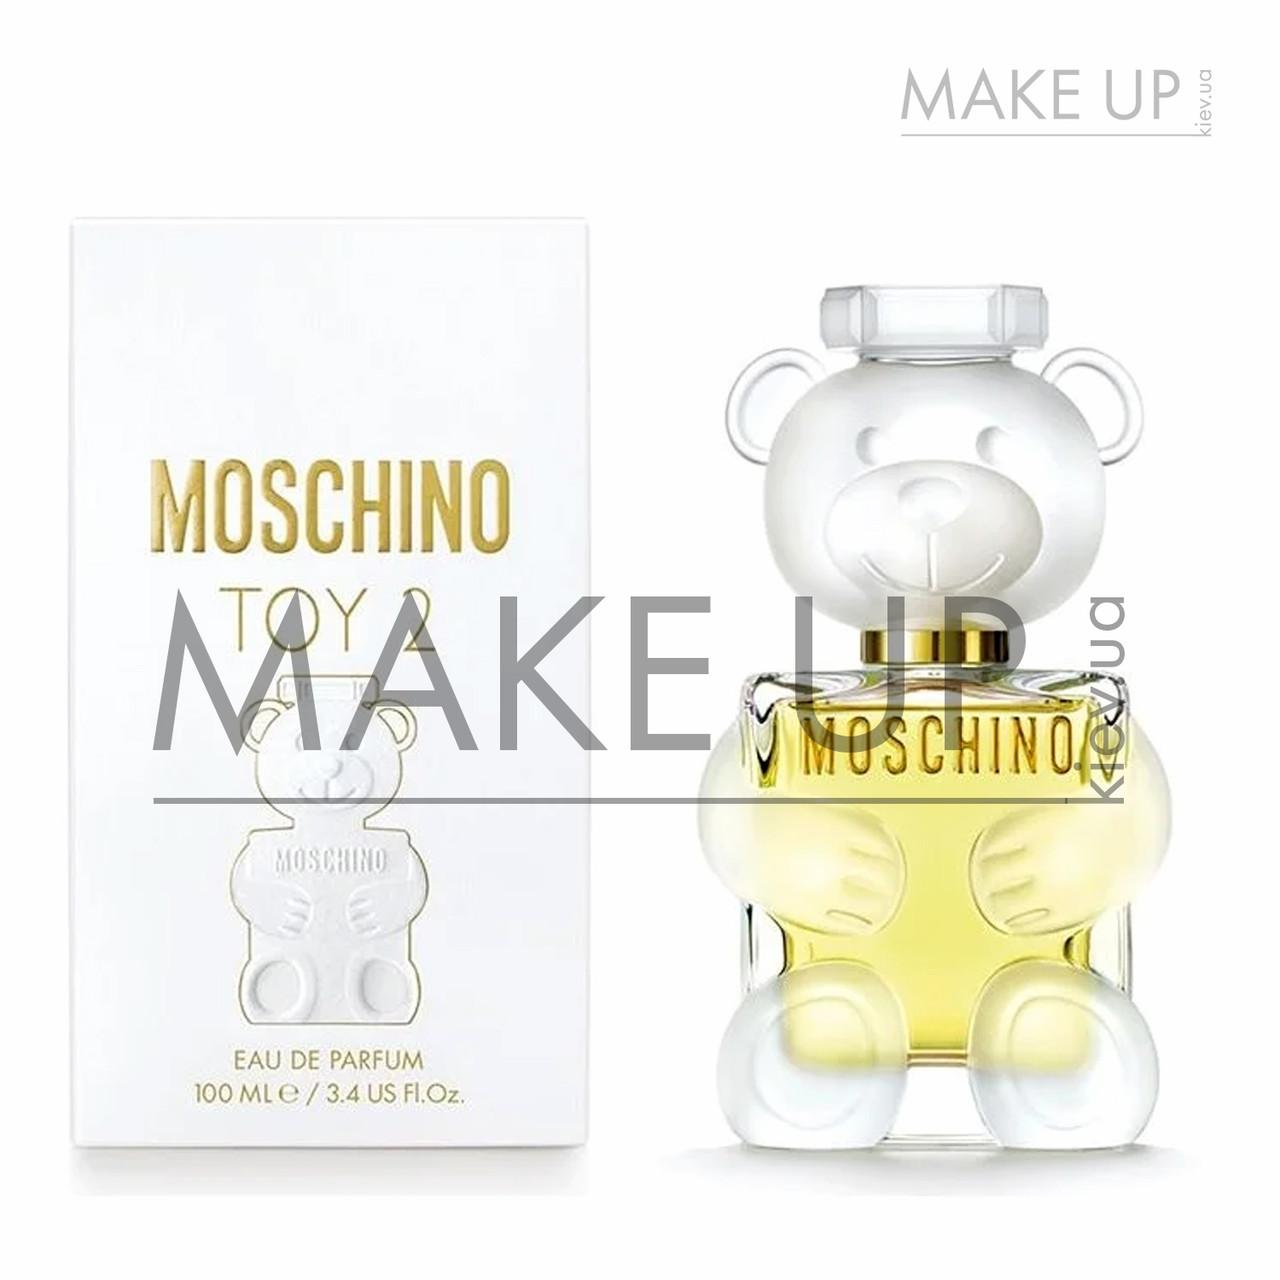 Женская парфюмированная вода Moschino Toy 2 EDP 100 мл. | Лицензия Объединенные Арабские Эмираты